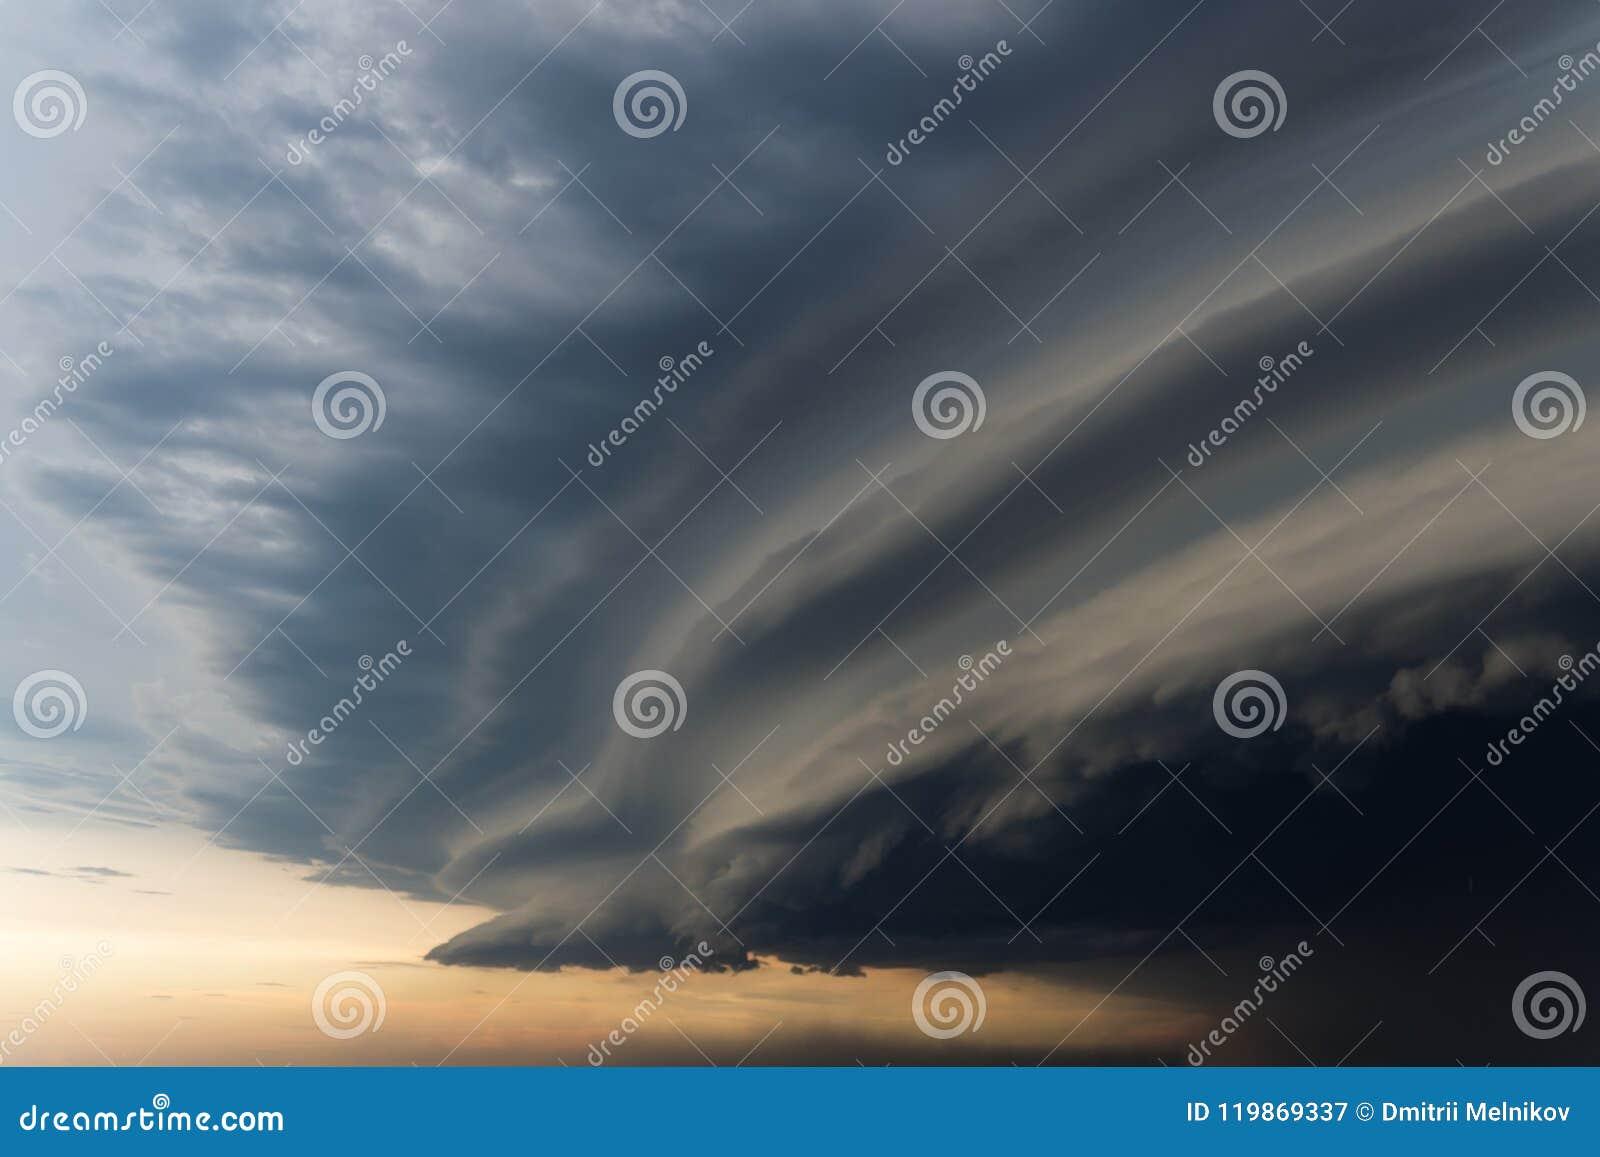 Drastischer regnerischer Himmel und dunkle Wolken Hurrikanwind Starker Hurrikan über der Stadt Der Himmel wird mit schwarzen Stur